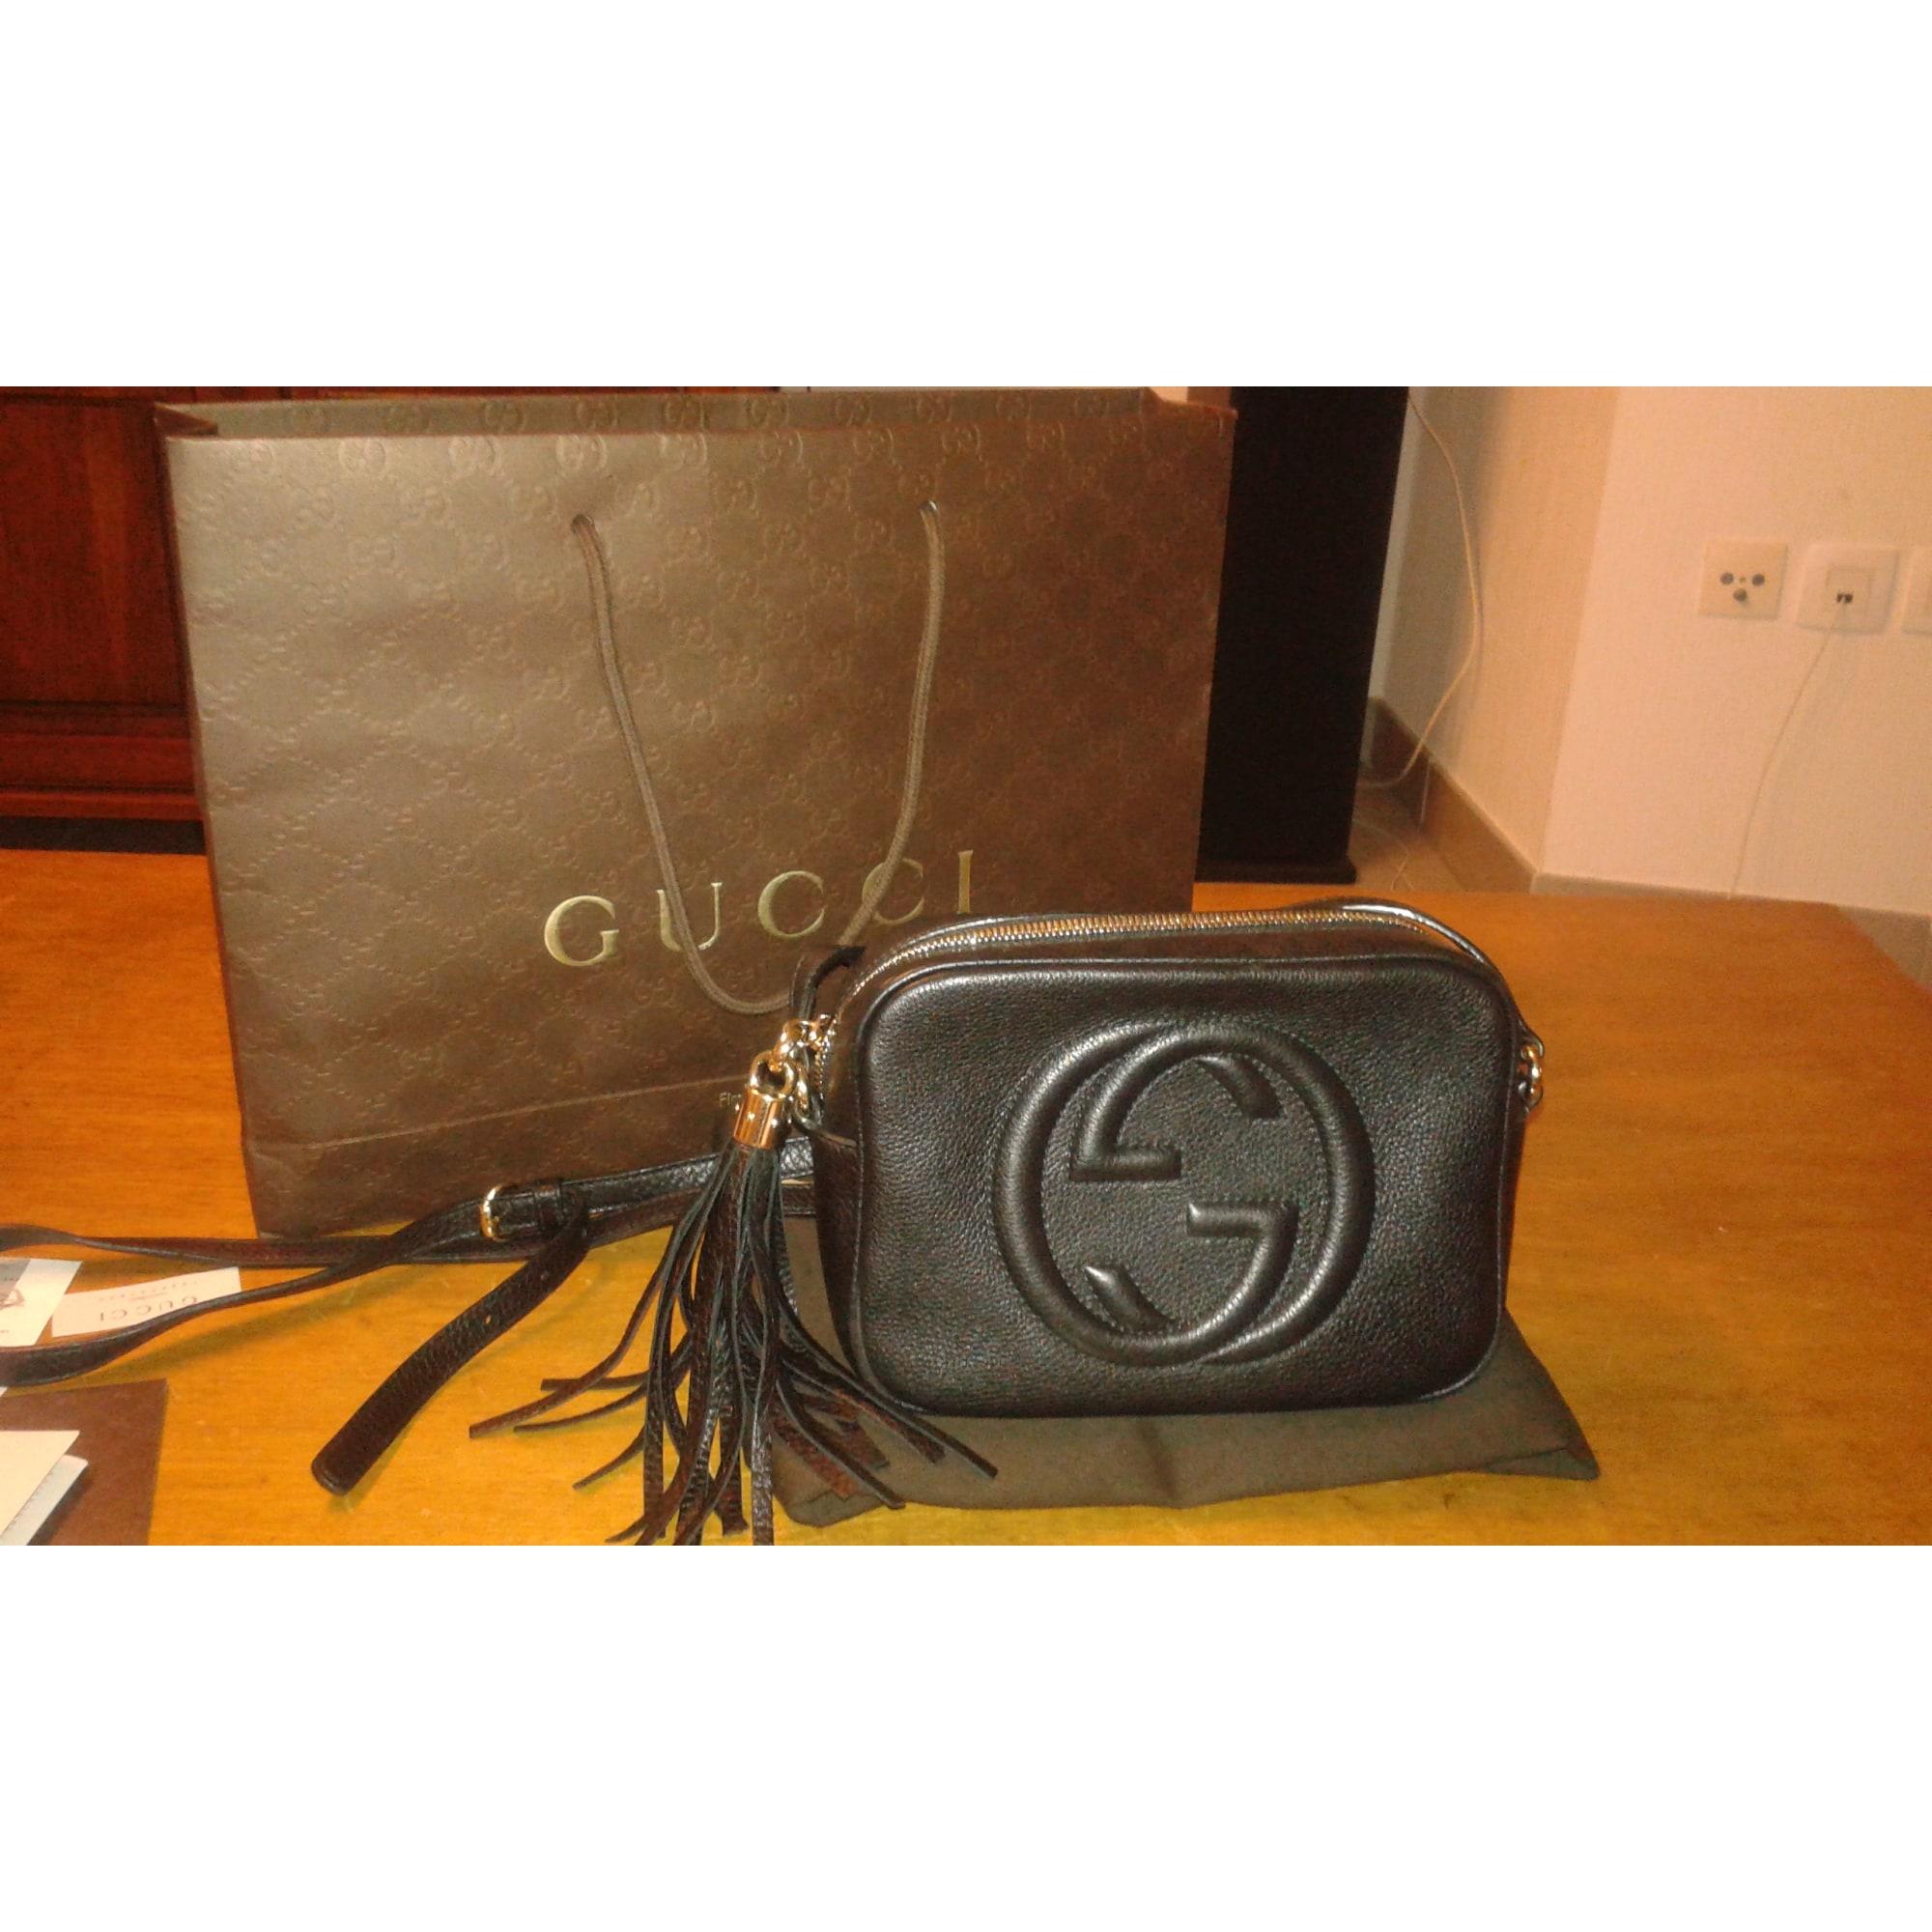 Sac en bandoulière en cuir GUCCI soho noir vendu par Moumi140428 ... a08d6359ab1